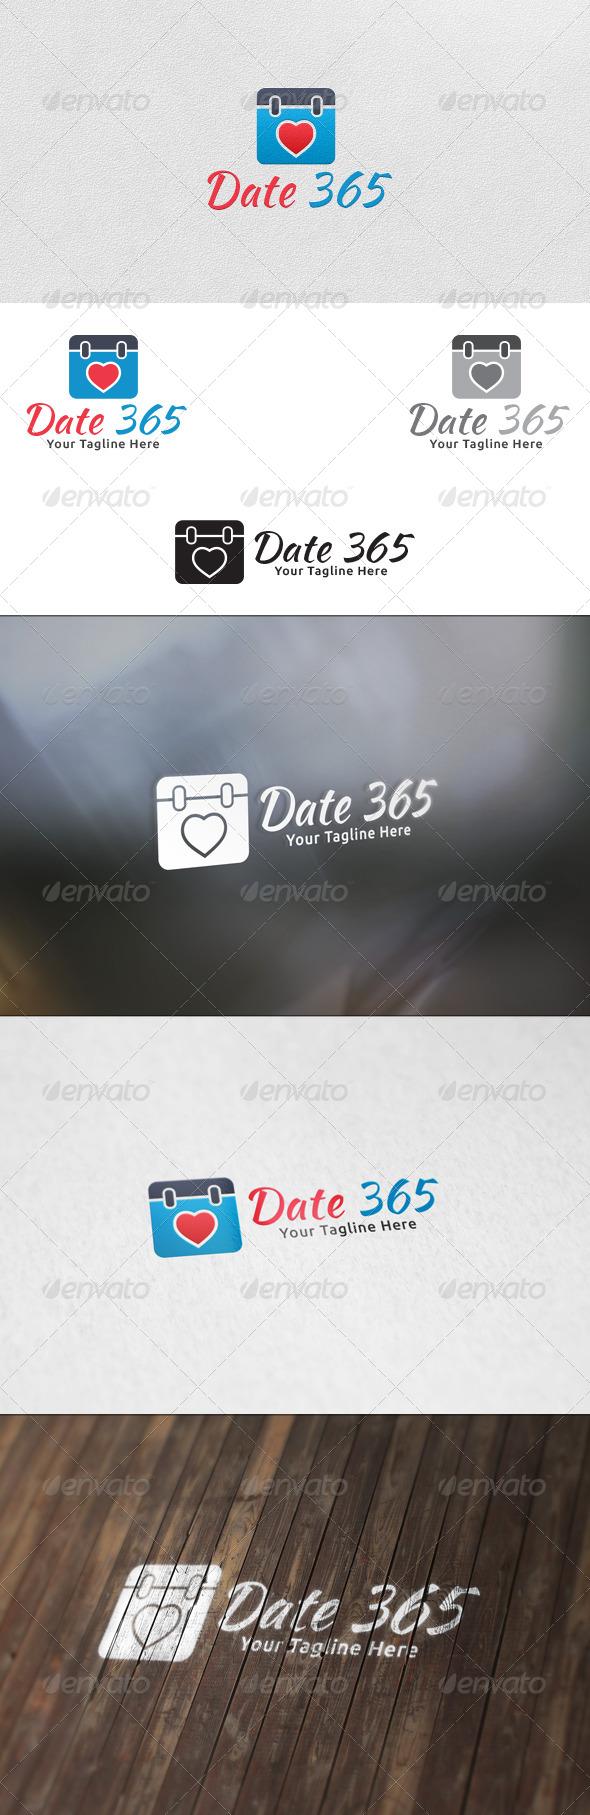 GraphicRiver Date 365 Logo Template 5965156